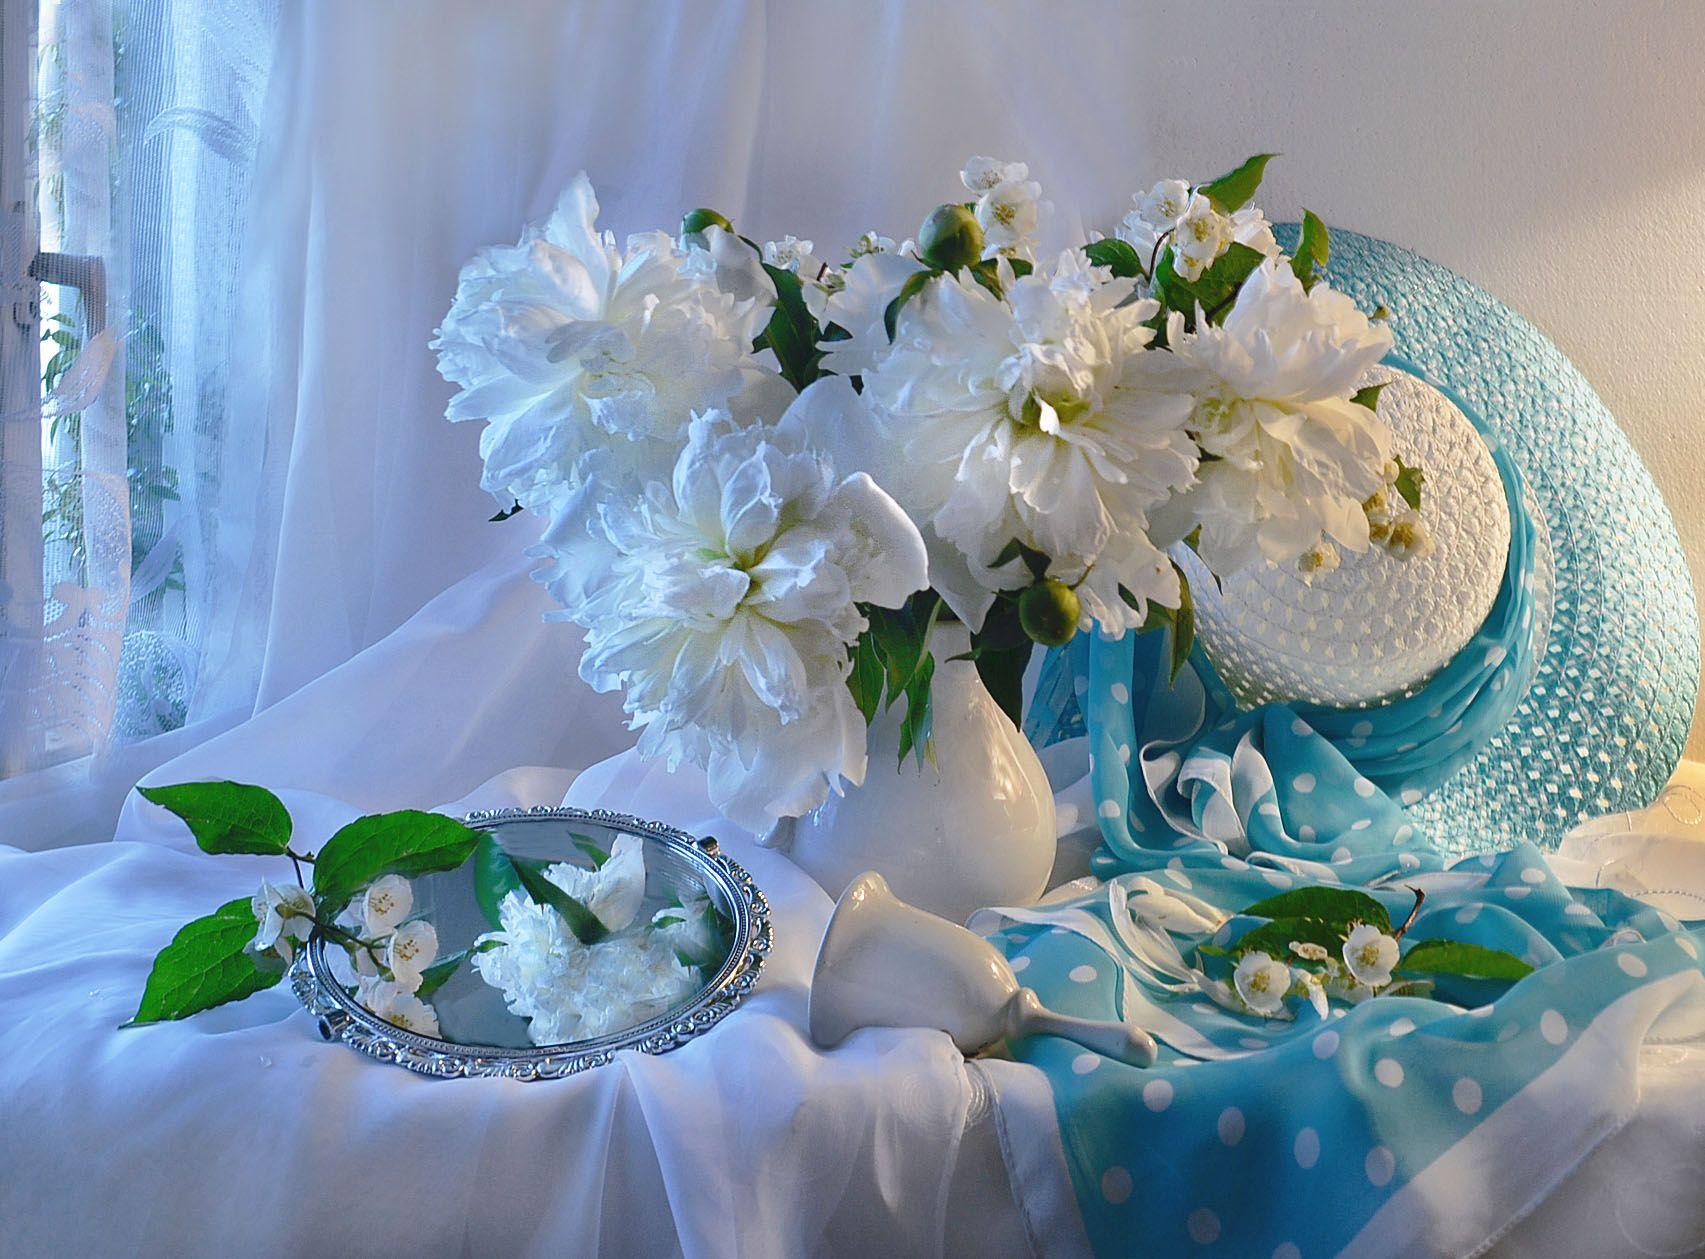 still life, натюрморт, белые ночи, белые пионы, июль, лето, настроение, пионы, стихи, фото натюрморт,, Колова Валентина